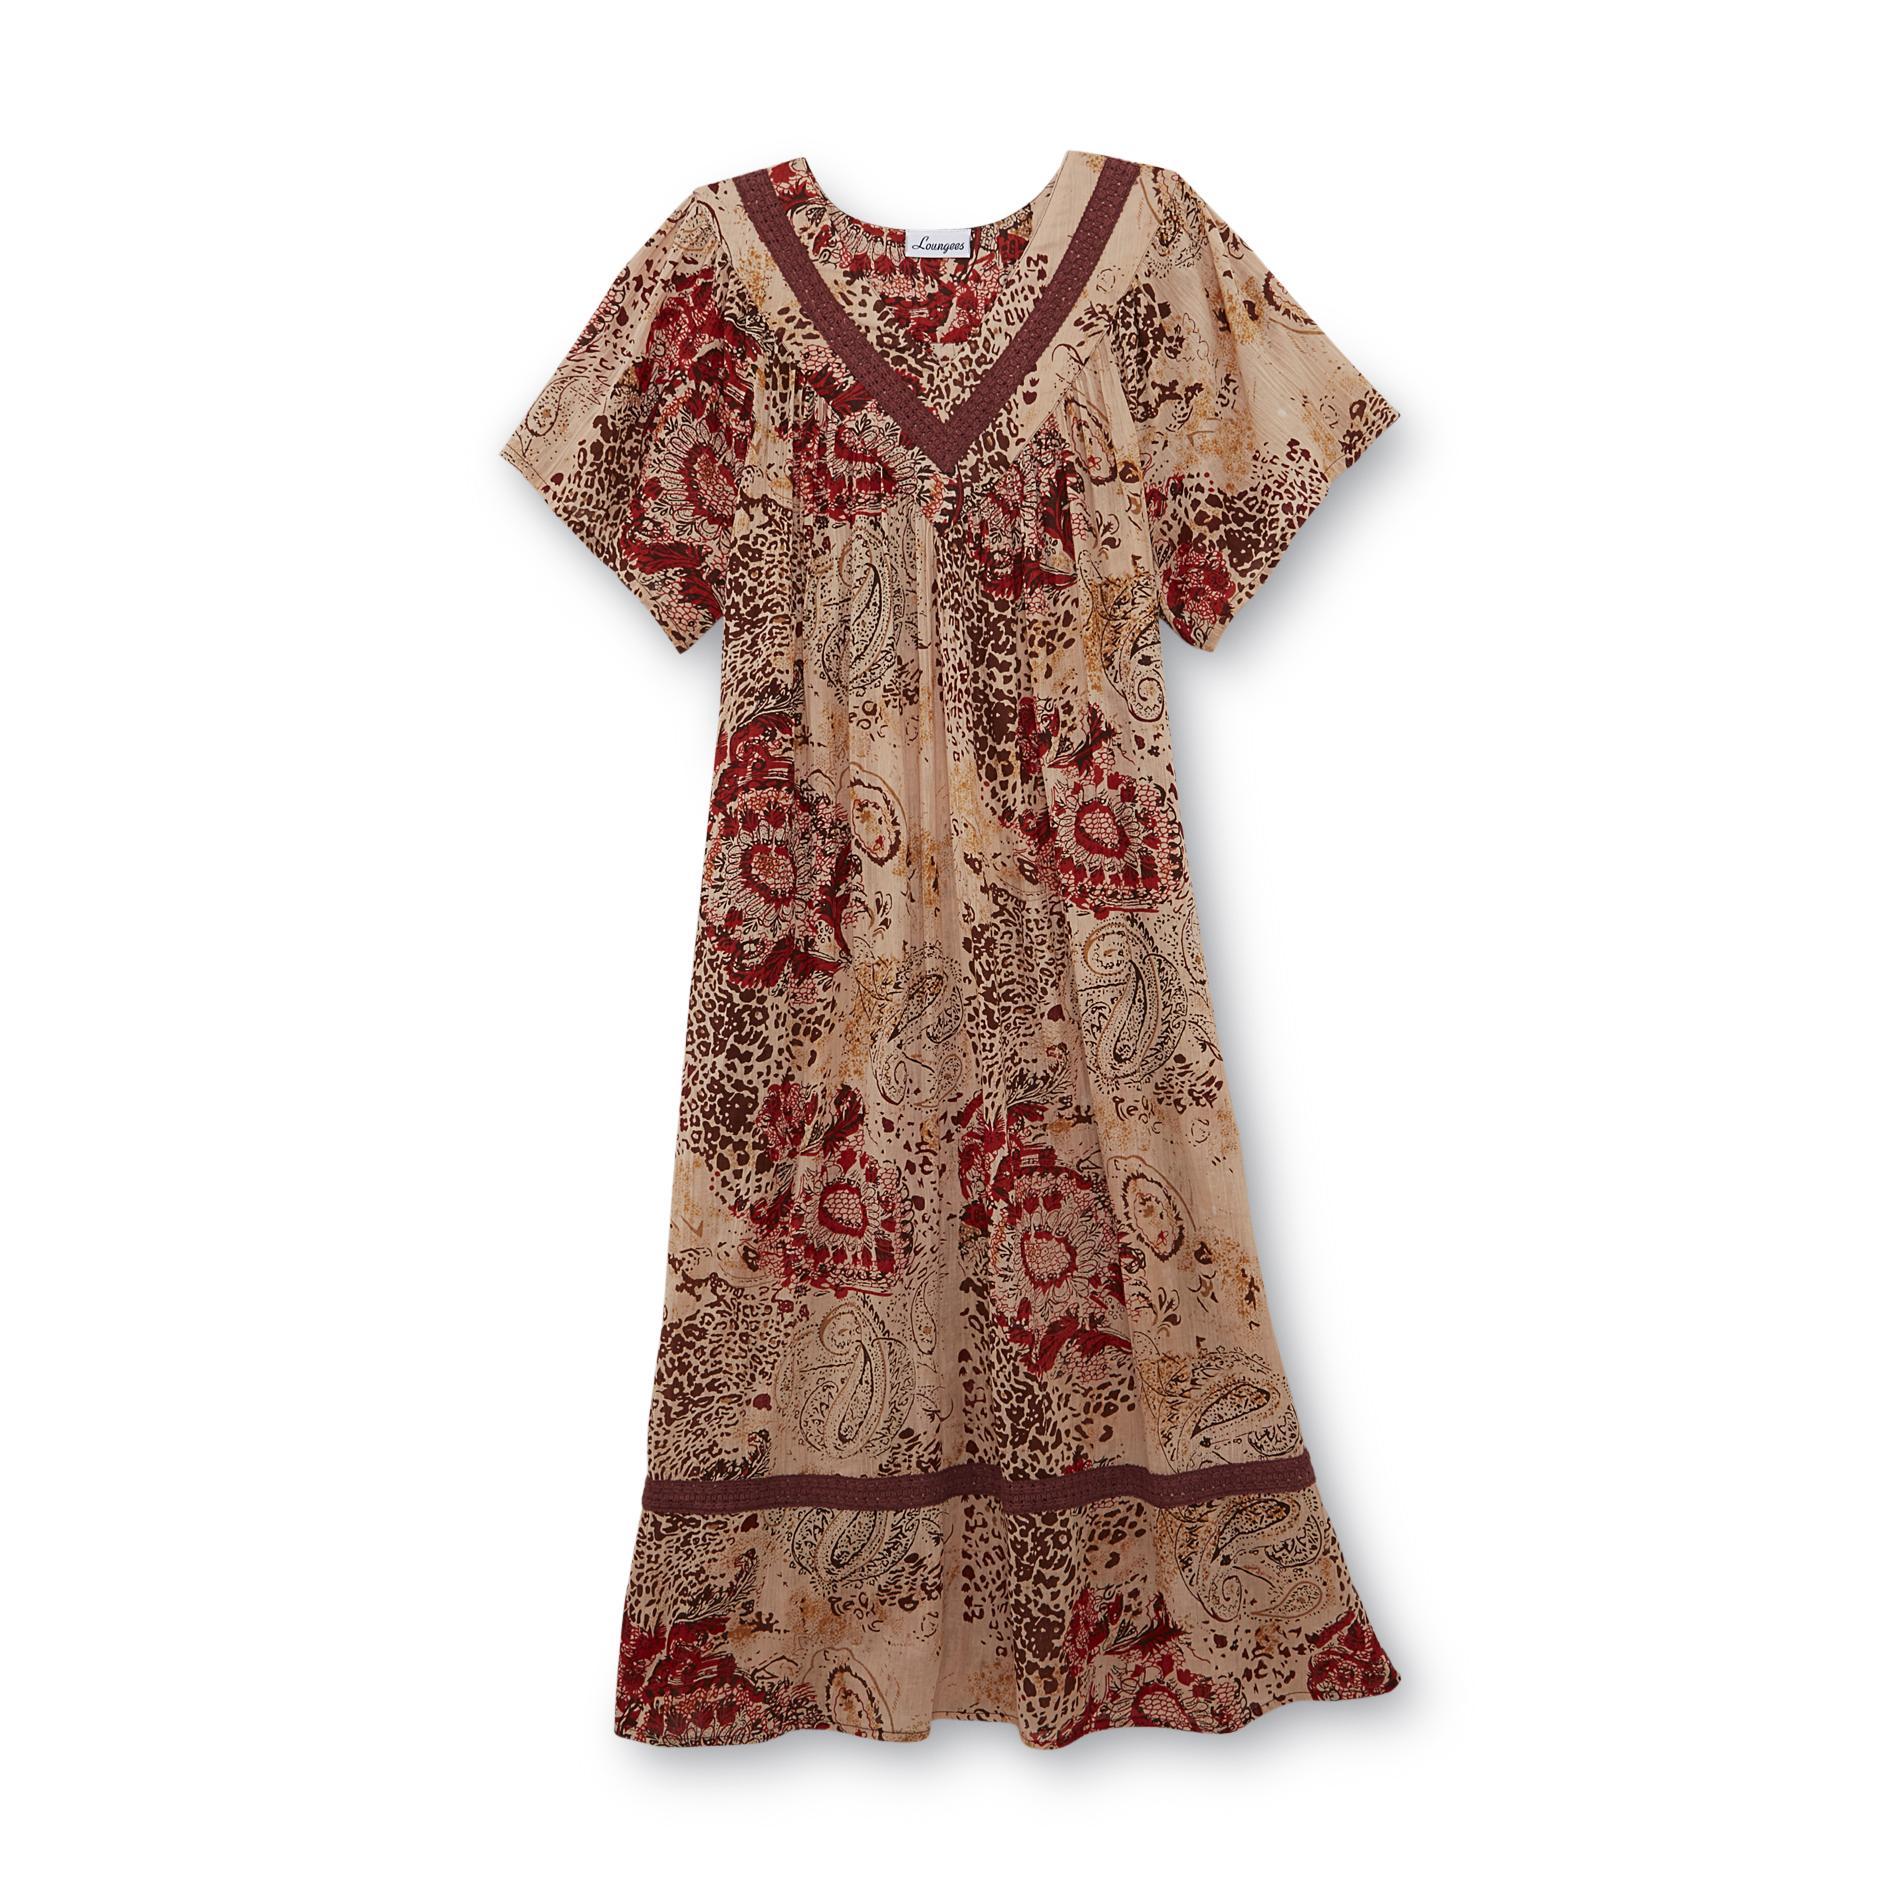 Women's Lounge Dress - Leopard Print